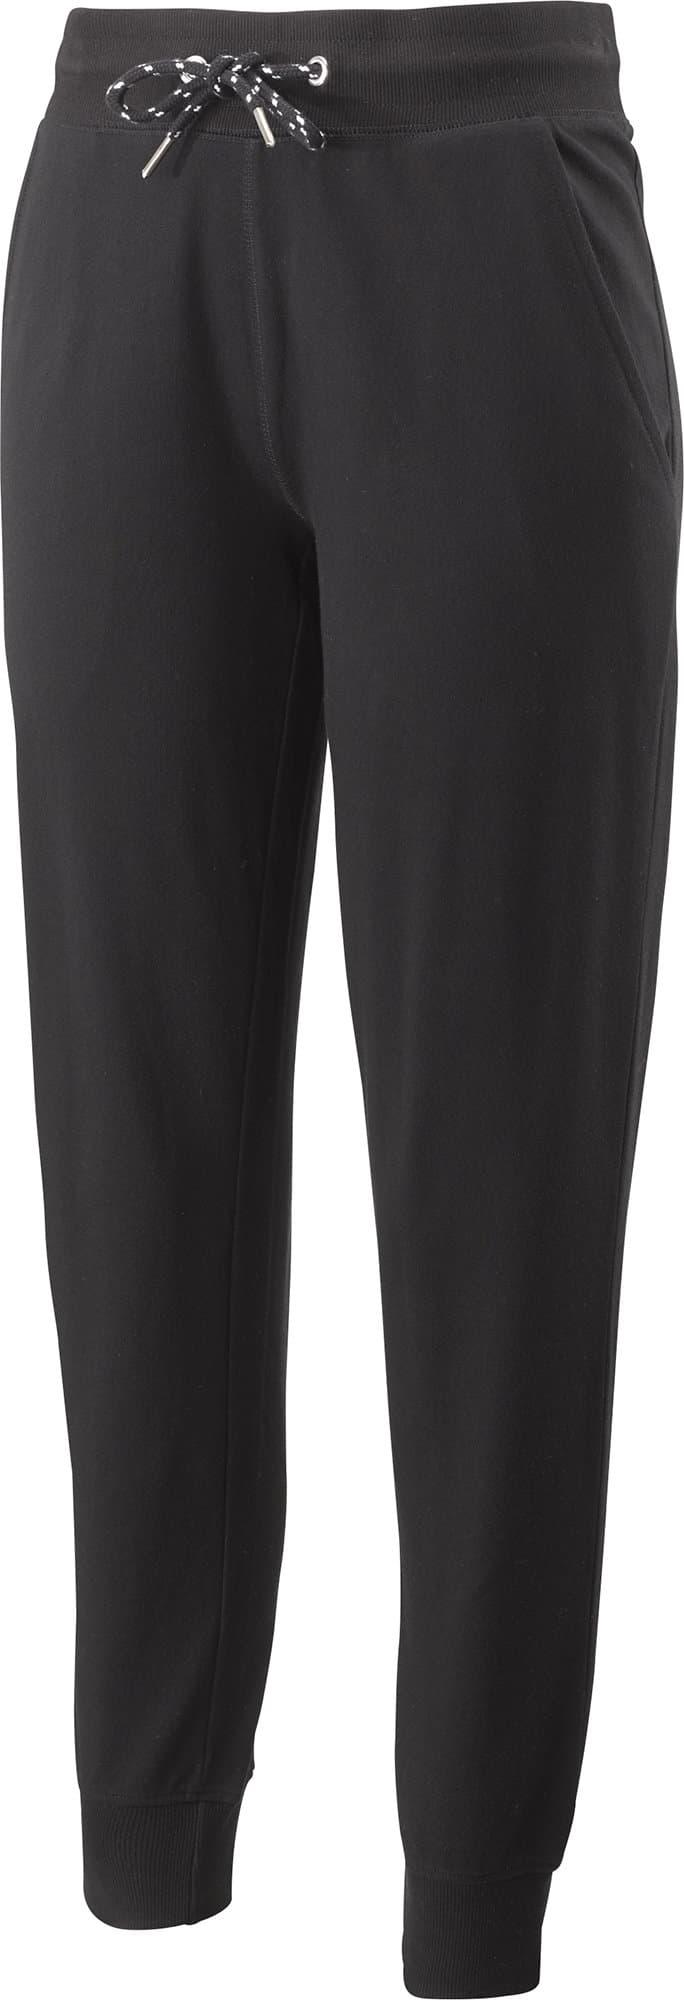 Extend SWEATPANT Pantalon pour femme